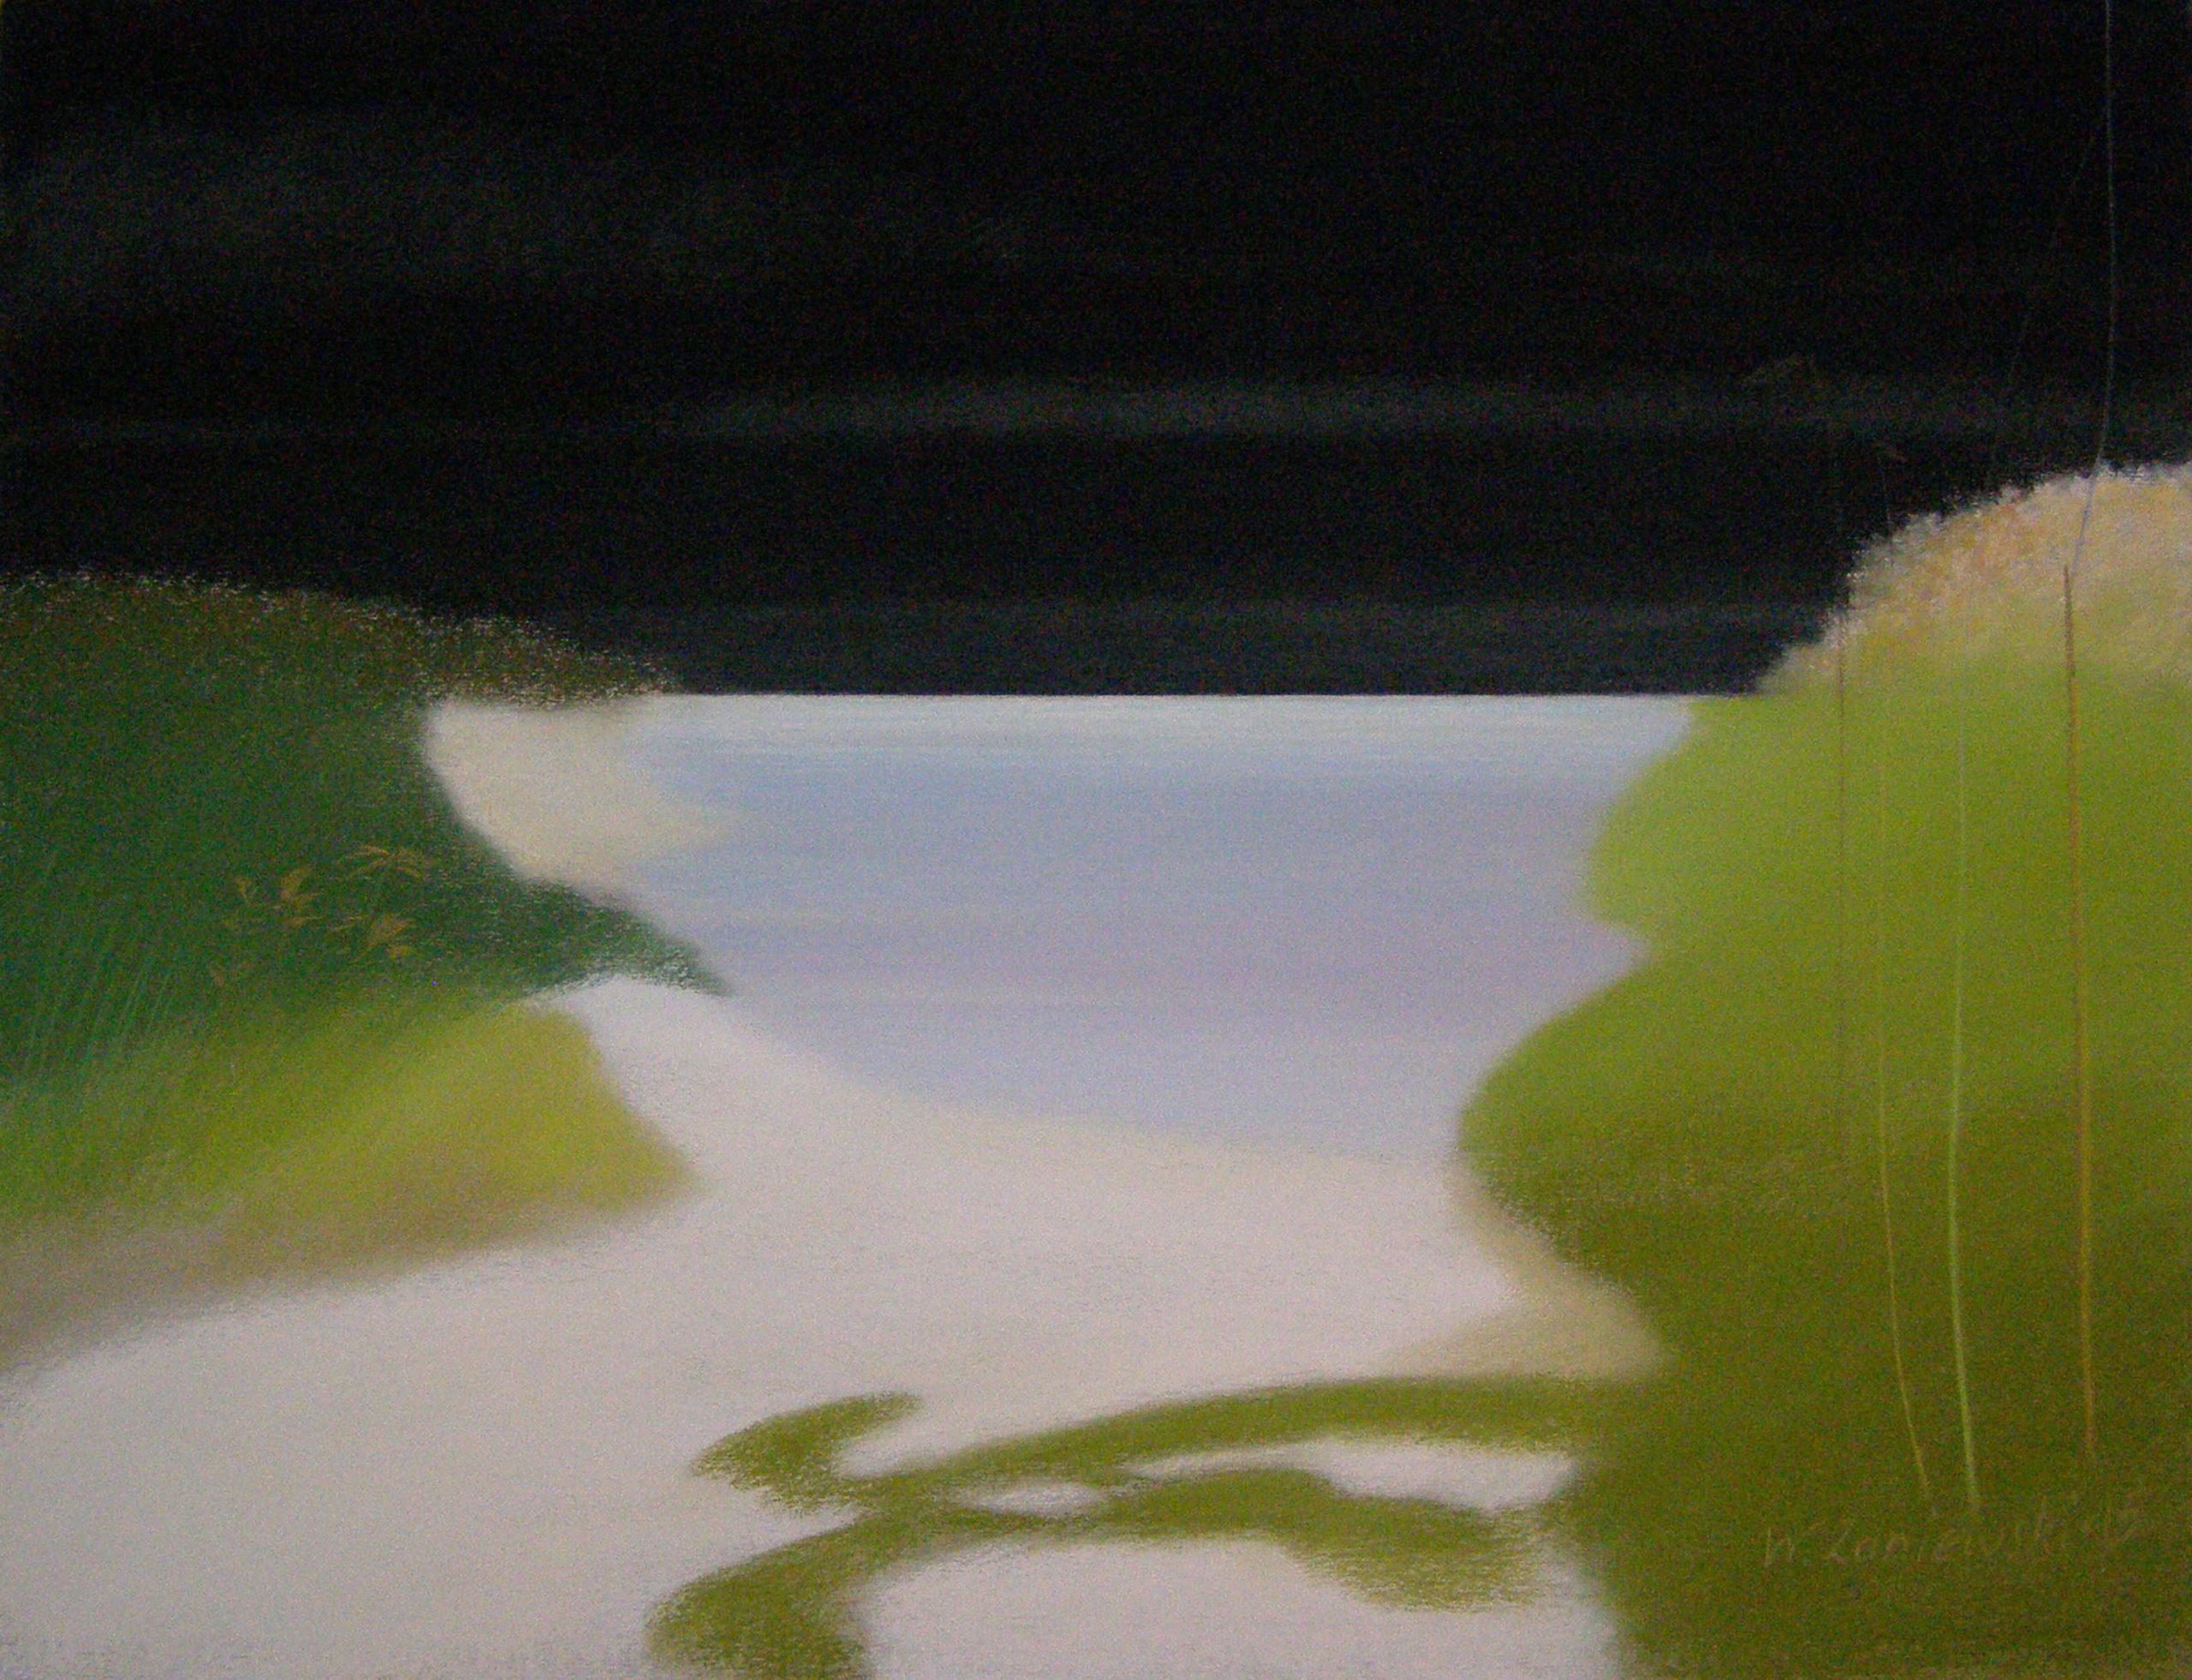 Pastel - z cyklu Wydmy 2015, 49 x 64 cm